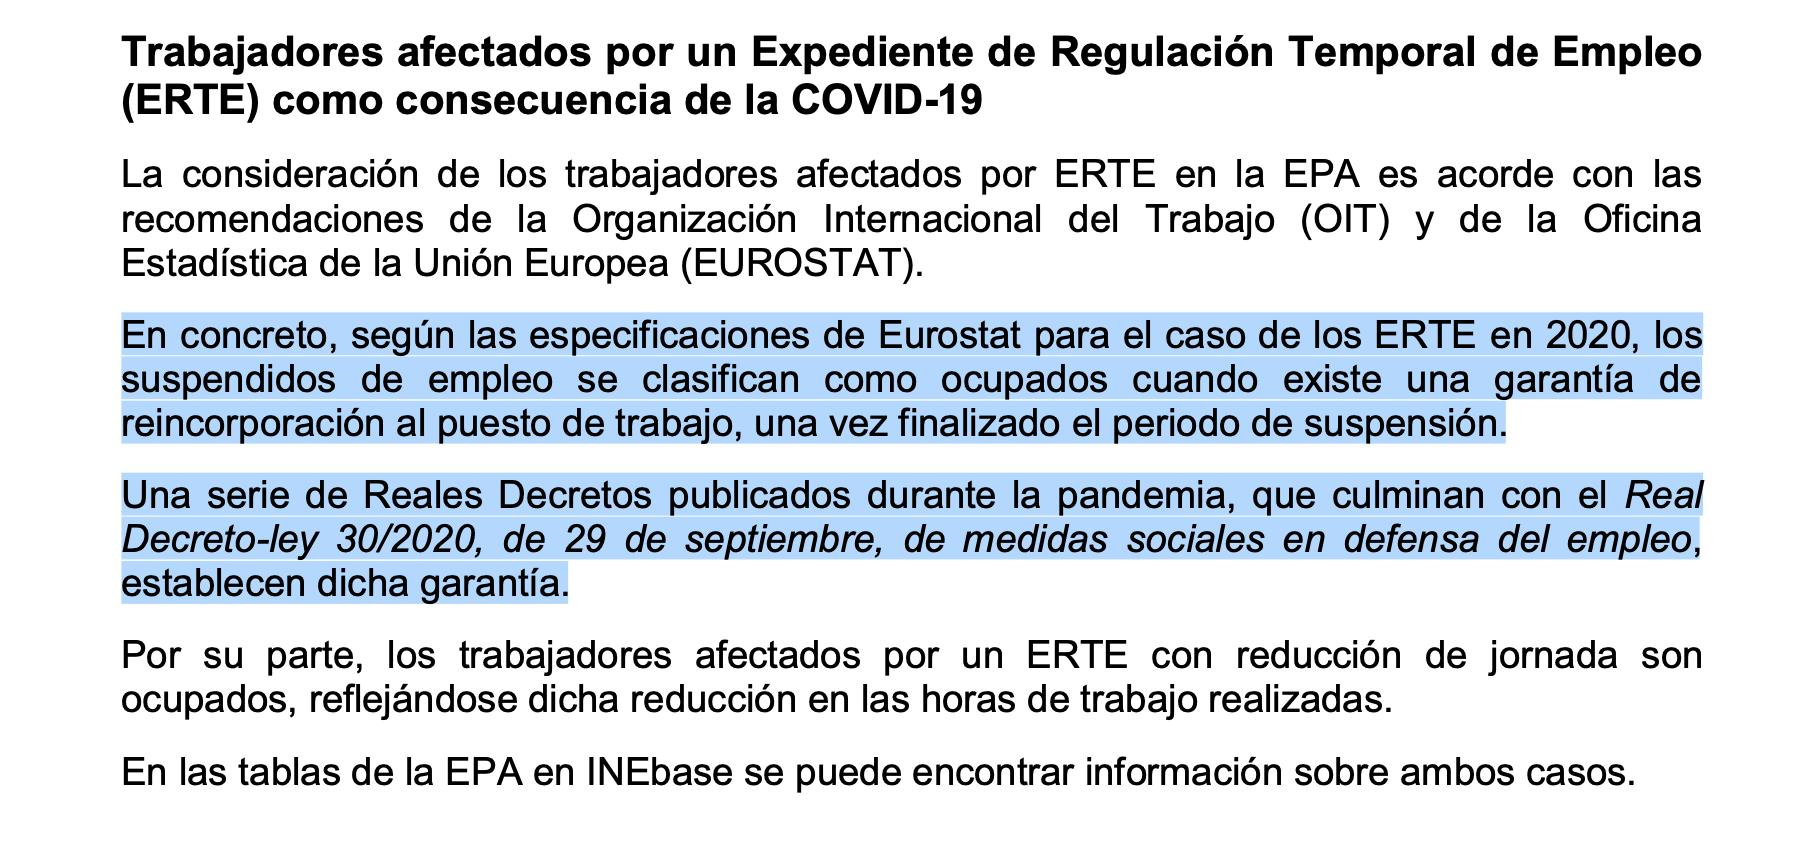 3-metodologia-epa-afectados-erte.png